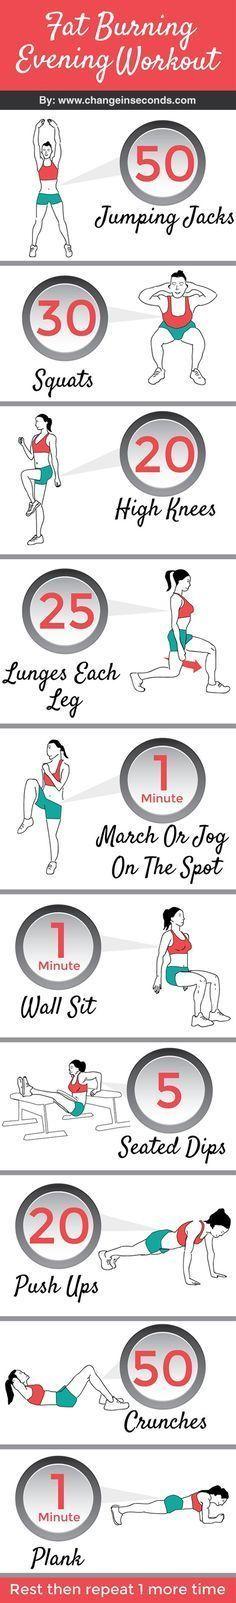 10 Charts That Will Help You Lose Weight And Burn Fat Fast        Trainieren Sie jeden Tag und Sie sind fast ständig auf Diät, können aber trotzdem nicht abnehmen? Gut! fühlen Sie sich nicht schlecht über sich selbst, das ist der tägliche Kampf der meisten von uns, und es muss etwas falsch sein, was wir tun. Ist es das Training? oder die Diät? Um Ihnen zu helfen, das herauszufinden, haben wir 10 Diagramme und Infografiken zum Fettverbrennen und zum Abnehmen gesammelt.    #Diagramme #die #Fett # #dailyexercise